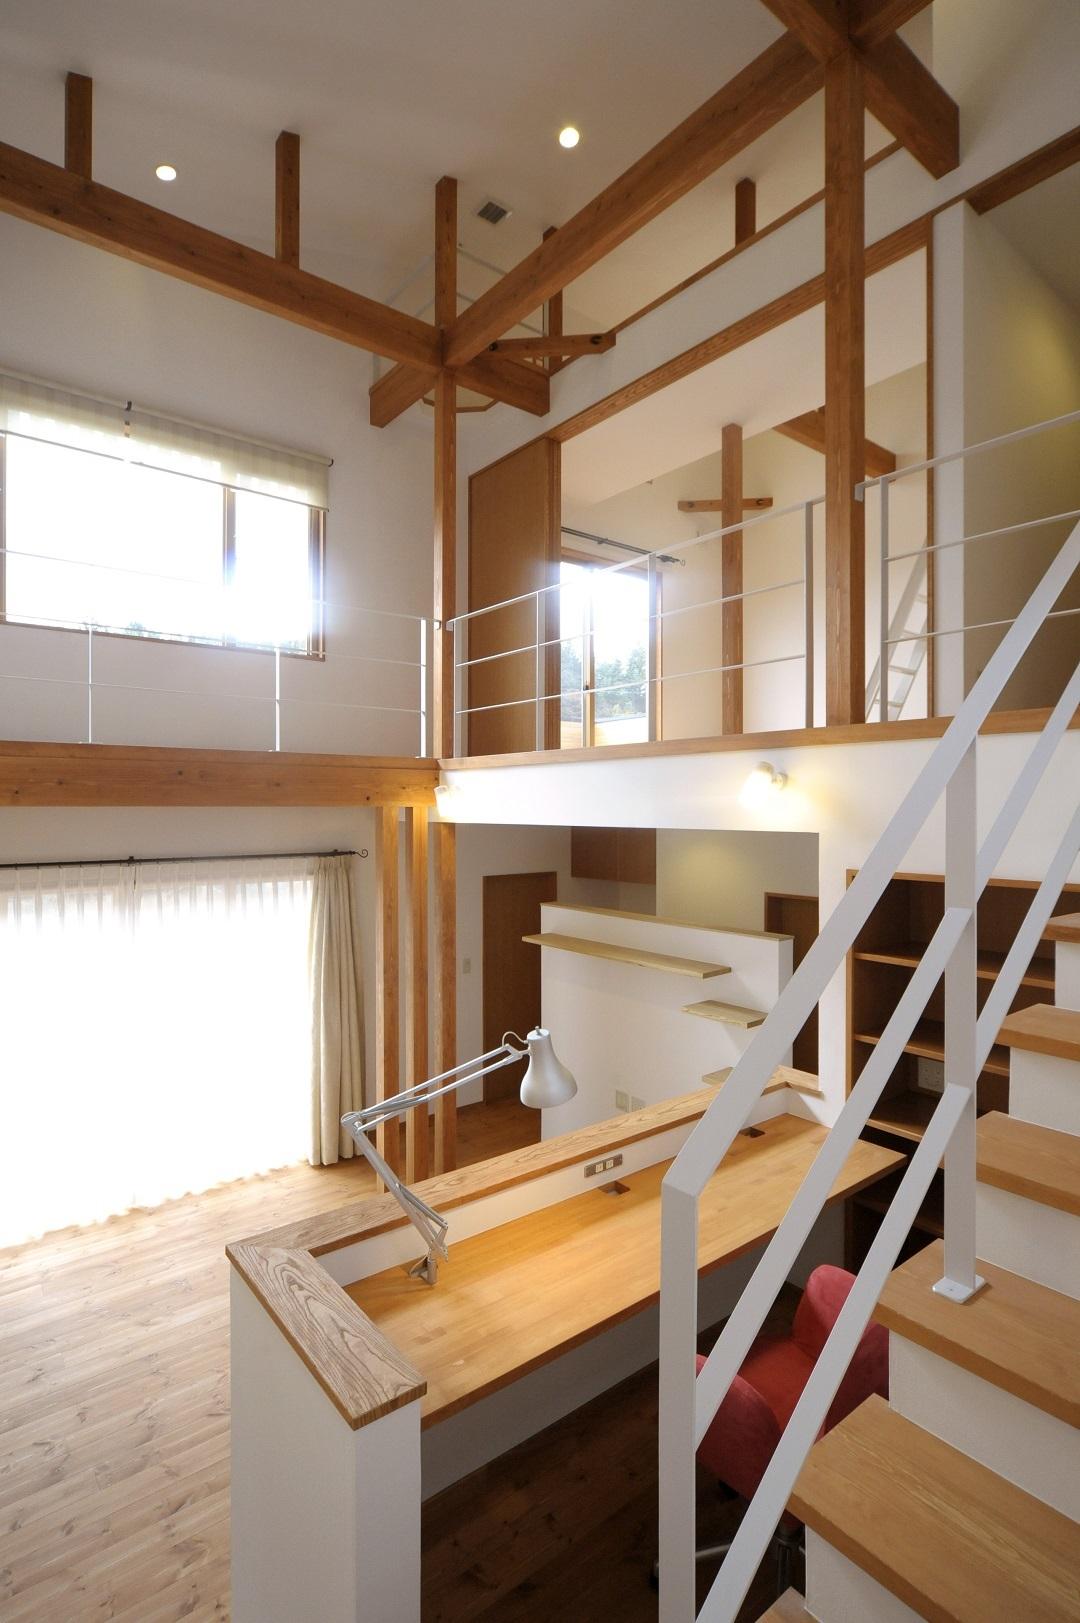 伊那市の設計事務所の家づくり 設計事例『スタディーコーナーのあるリビング』_b0146238_06184472.jpg